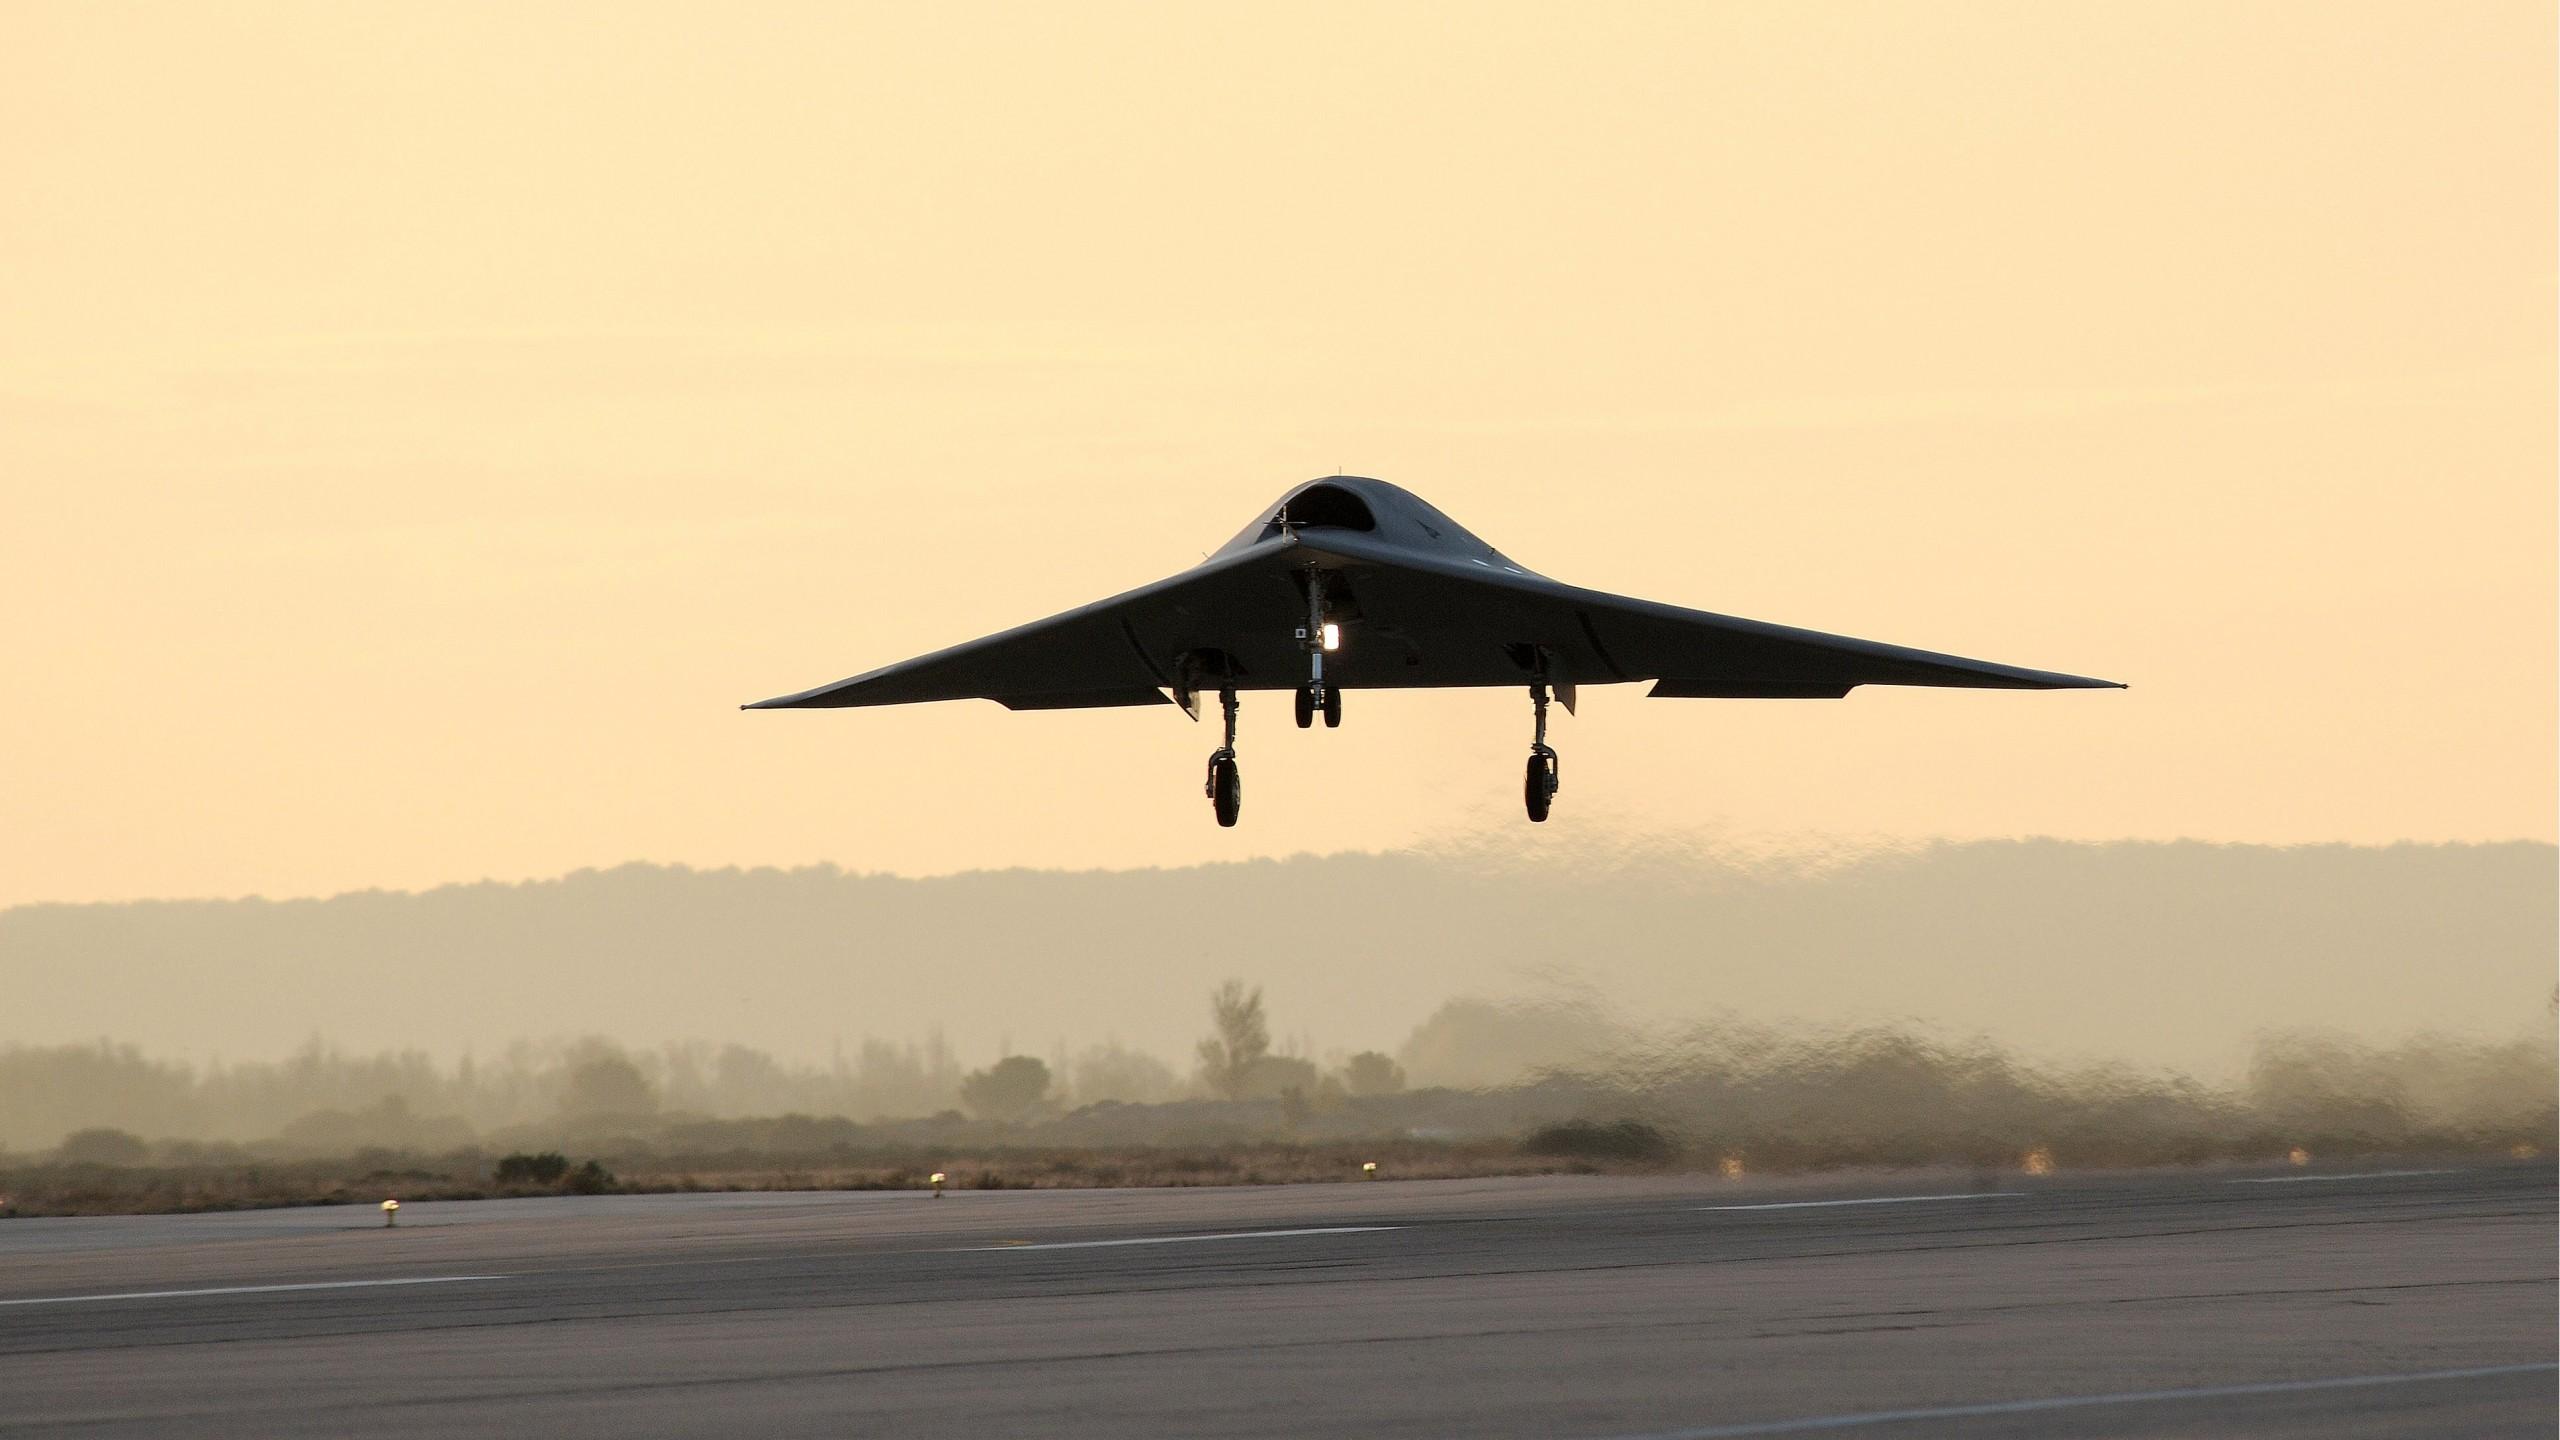 Best Dji Drone >> Wallpaper X-47B, drone, UCAS-D, Pegasus, USA Army, landing ...